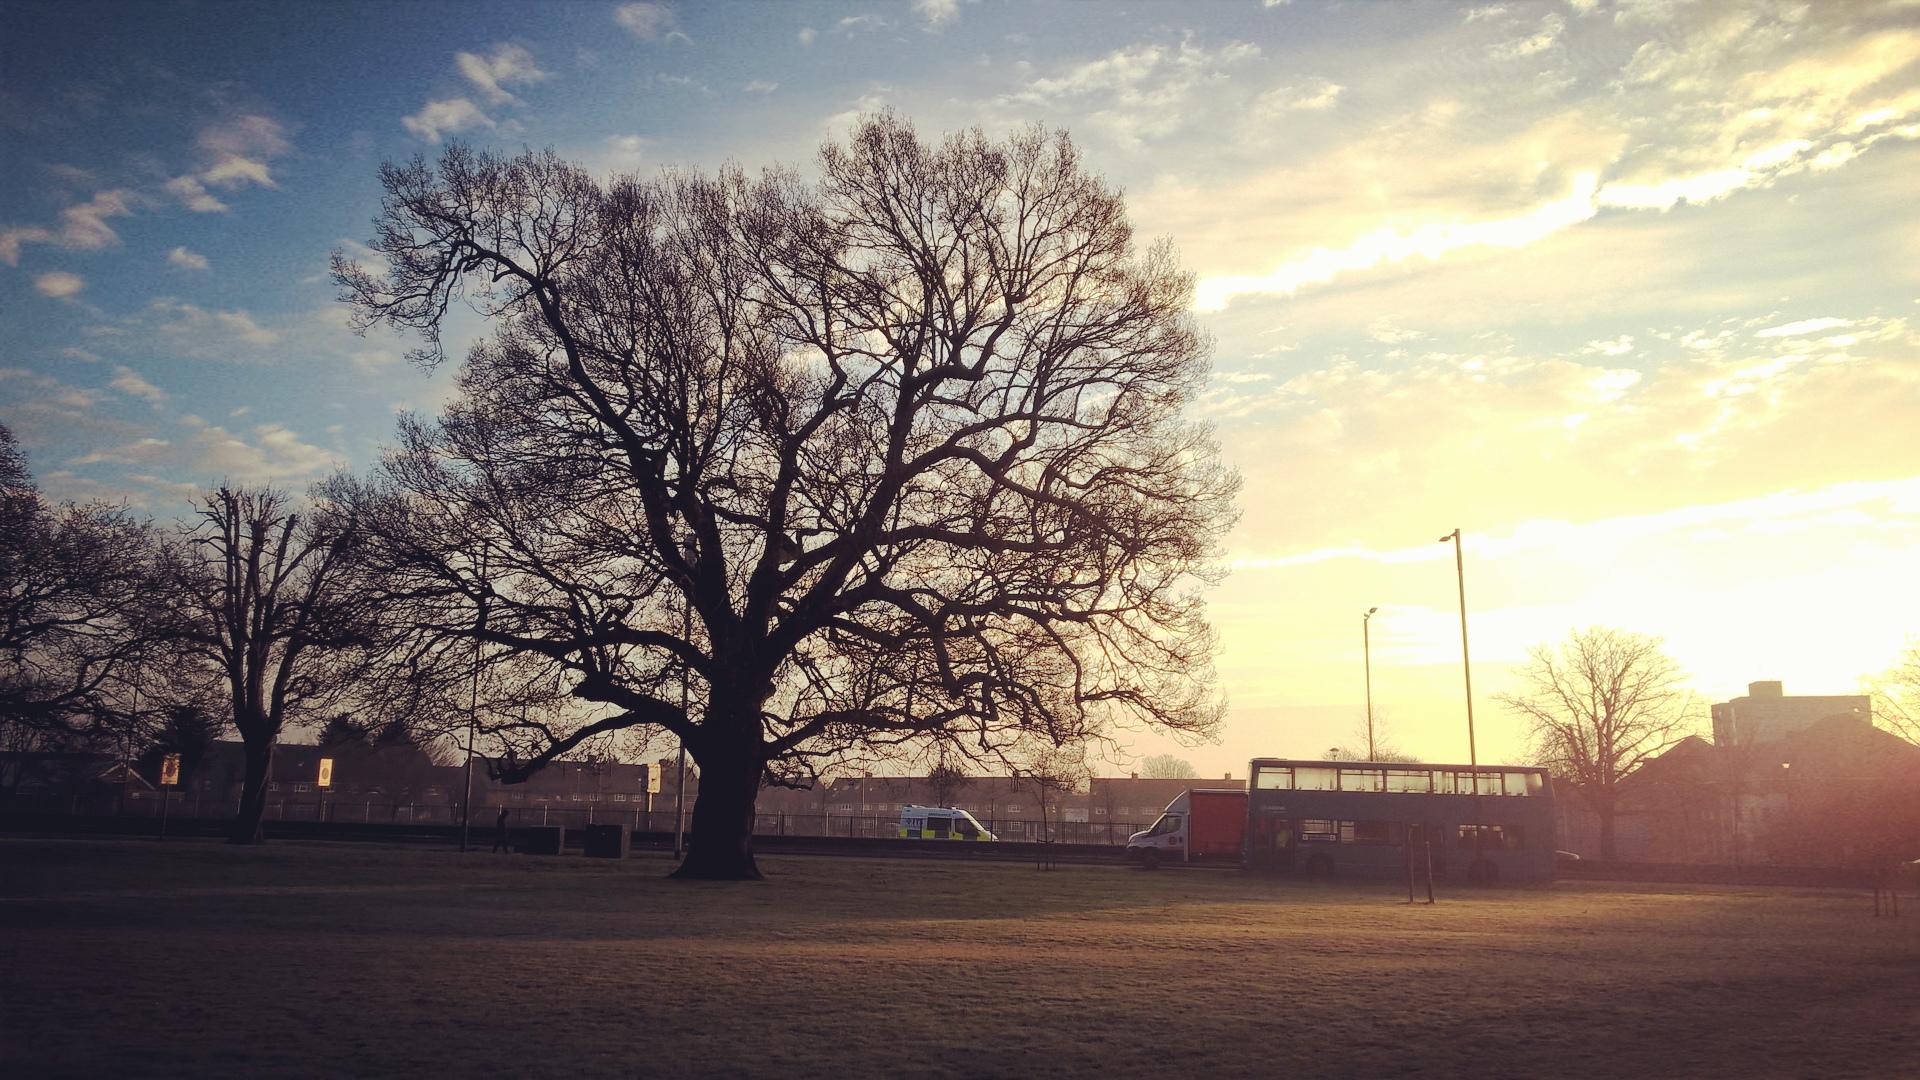 Enfield oak